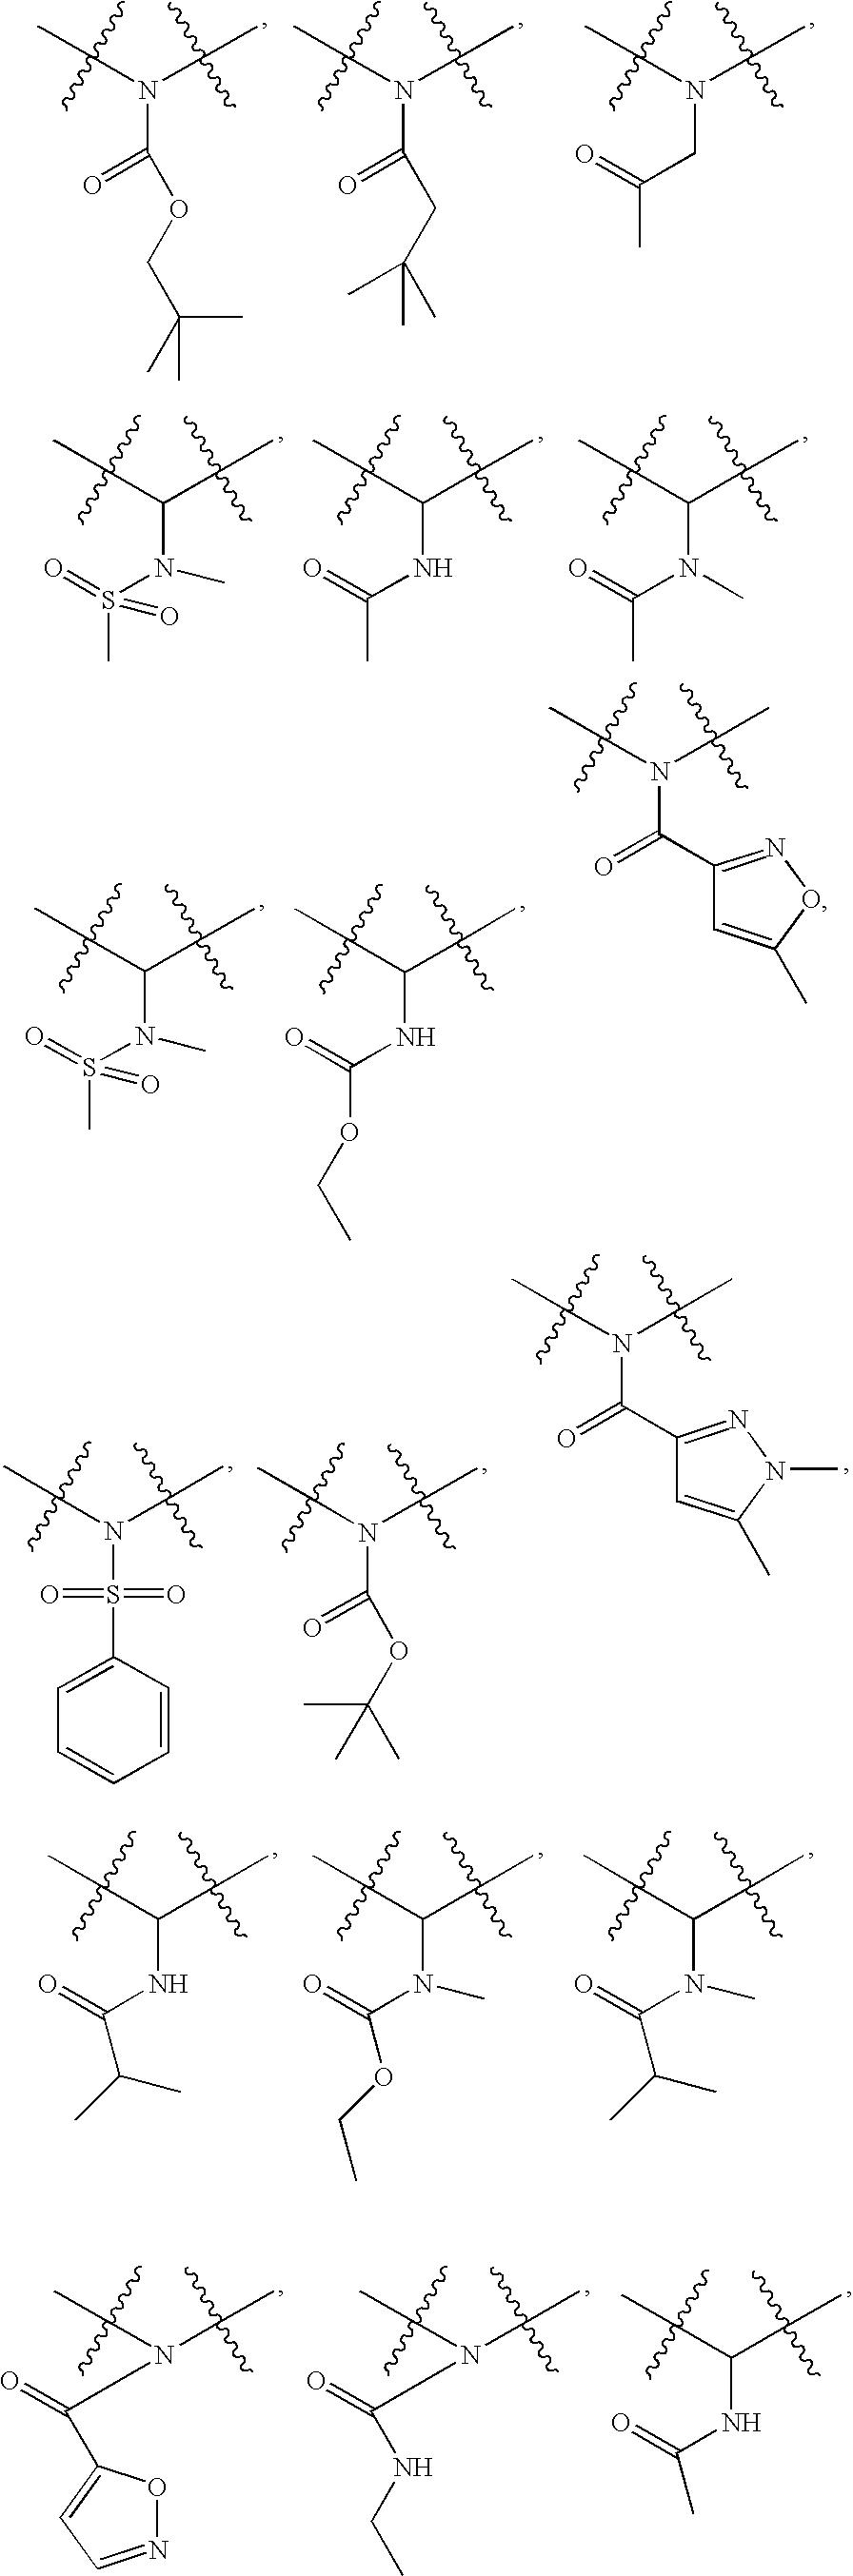 Figure US20070043023A1-20070222-C00021